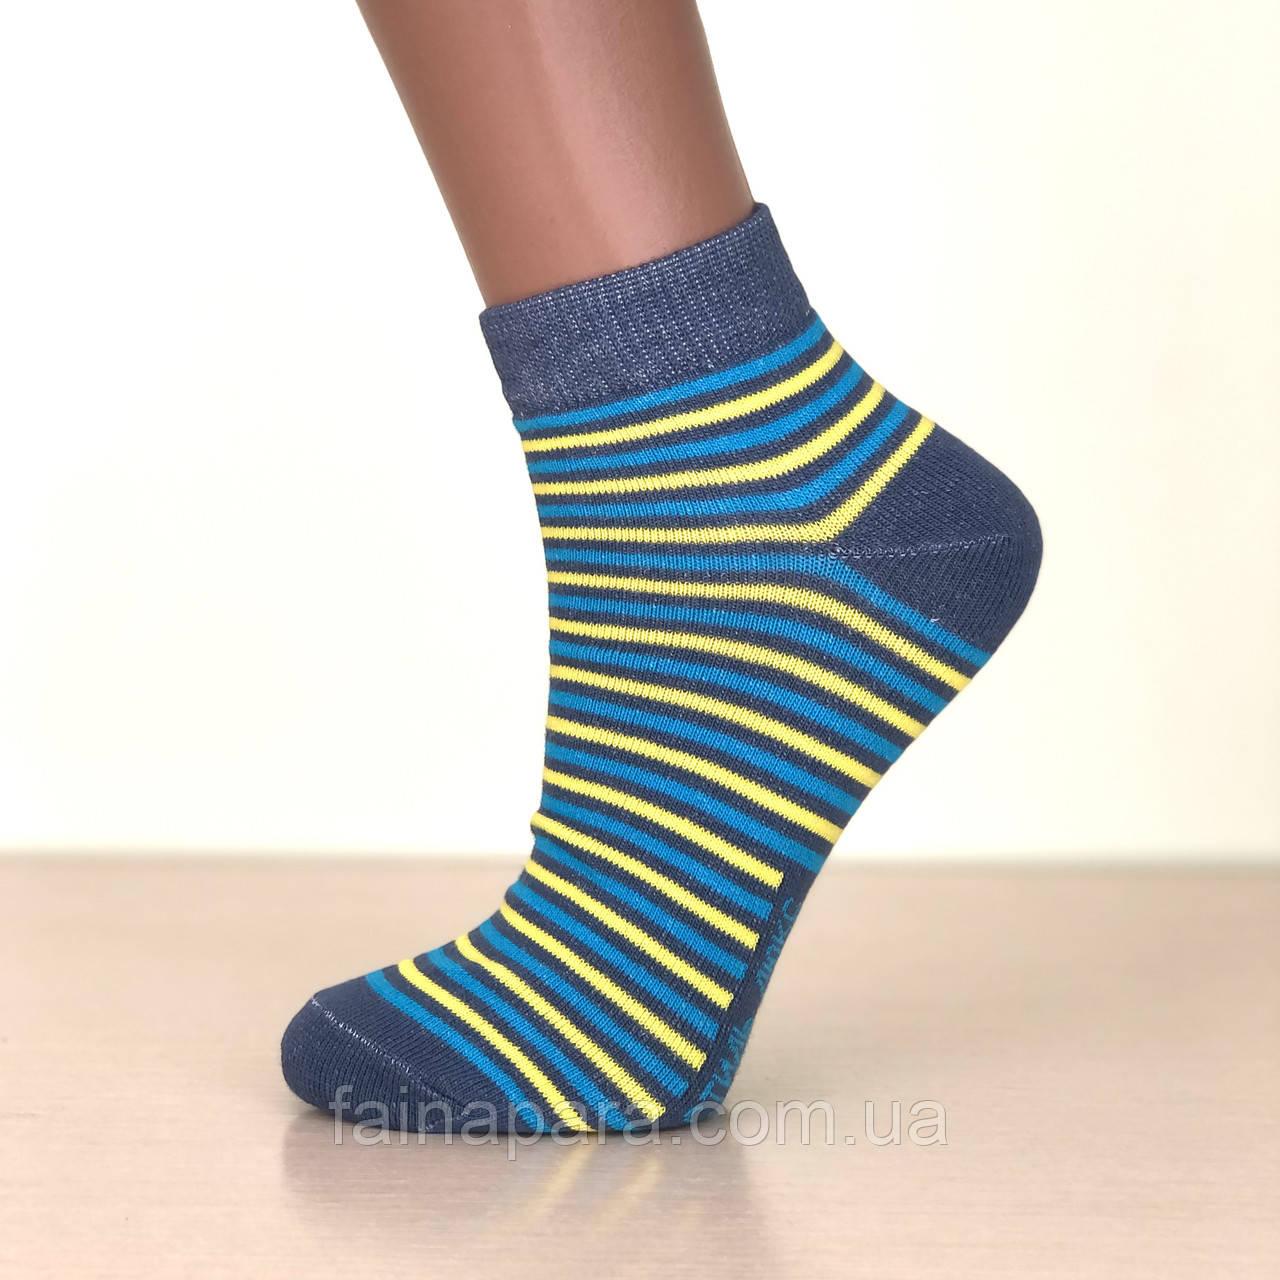 Жіночі укорочені бавовняні шкарпетки в смужку Luxe Style